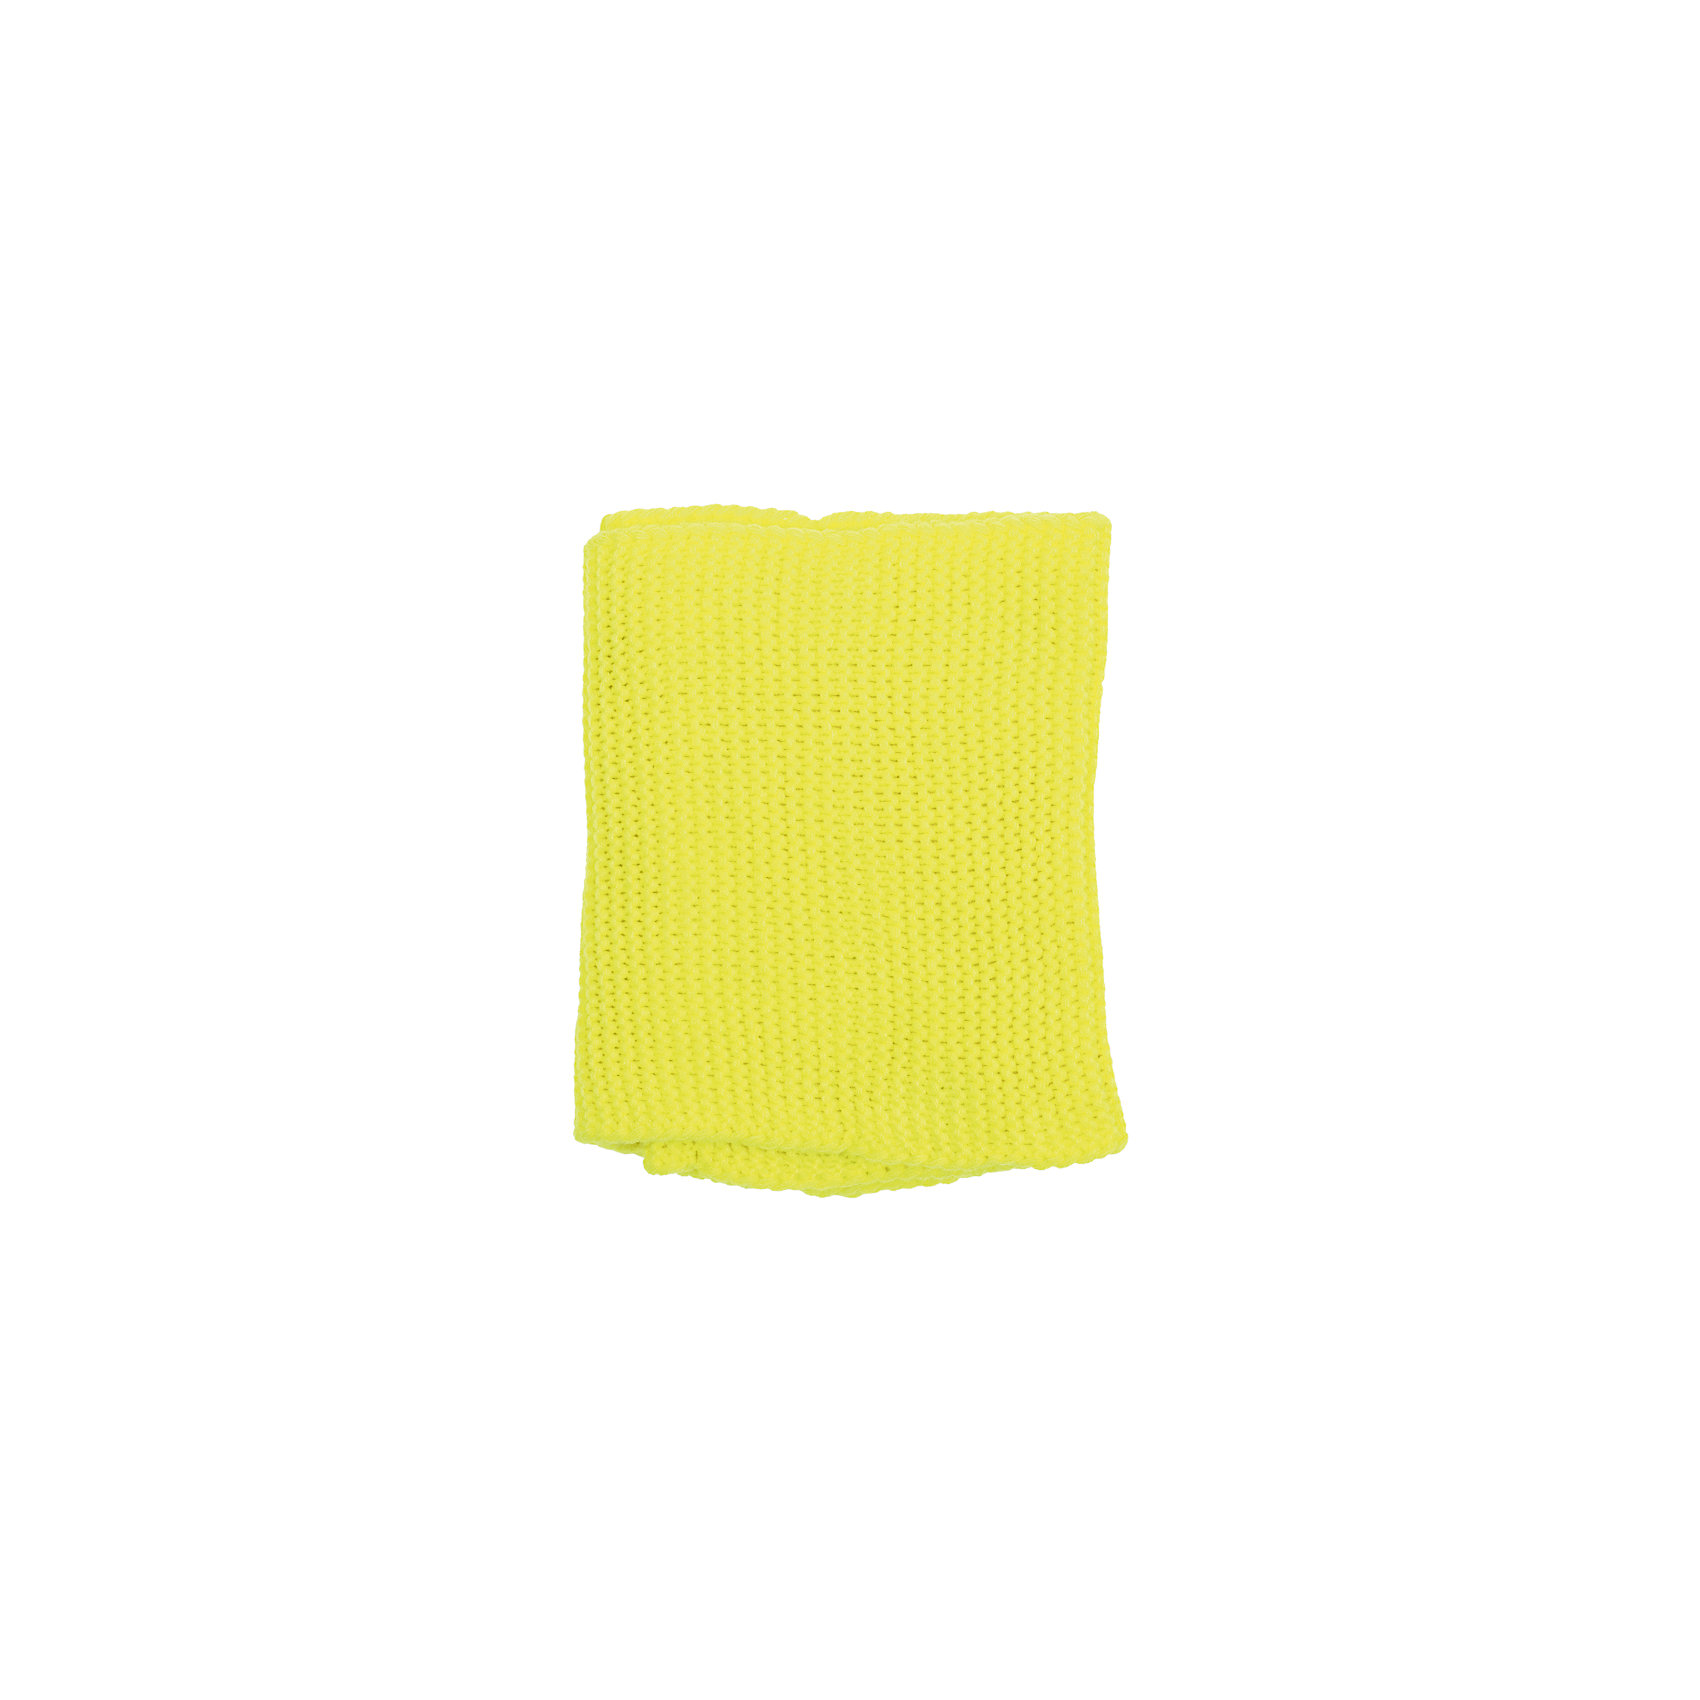 Шарф для девочки ScoolШарф для девочки Scool – создаст неповторимый образ.<br>Яркий лимонный шарф подойдет под любую одежду. Разбавит строгий образ или дополнит своей яркостью более спокойный наряд. Шарф мягкий на ощупь и очень теплый. Благодаря его длине сможет защитить даже уши ребенка от холода.<br><br>Дополнительная информация:<br><br>- материал: 100% акрил<br>- цвет: желтый<br><br>Шарф для девочки Scool можно купить в нашем интернет магазине.<br><br>Ширина мм: 88<br>Глубина мм: 155<br>Высота мм: 26<br>Вес г: 106<br>Цвет: желтый<br>Возраст от месяцев: 108<br>Возраст до месяцев: 168<br>Пол: Женский<br>Возраст: Детский<br>Размер: one size<br>SKU: 4912102